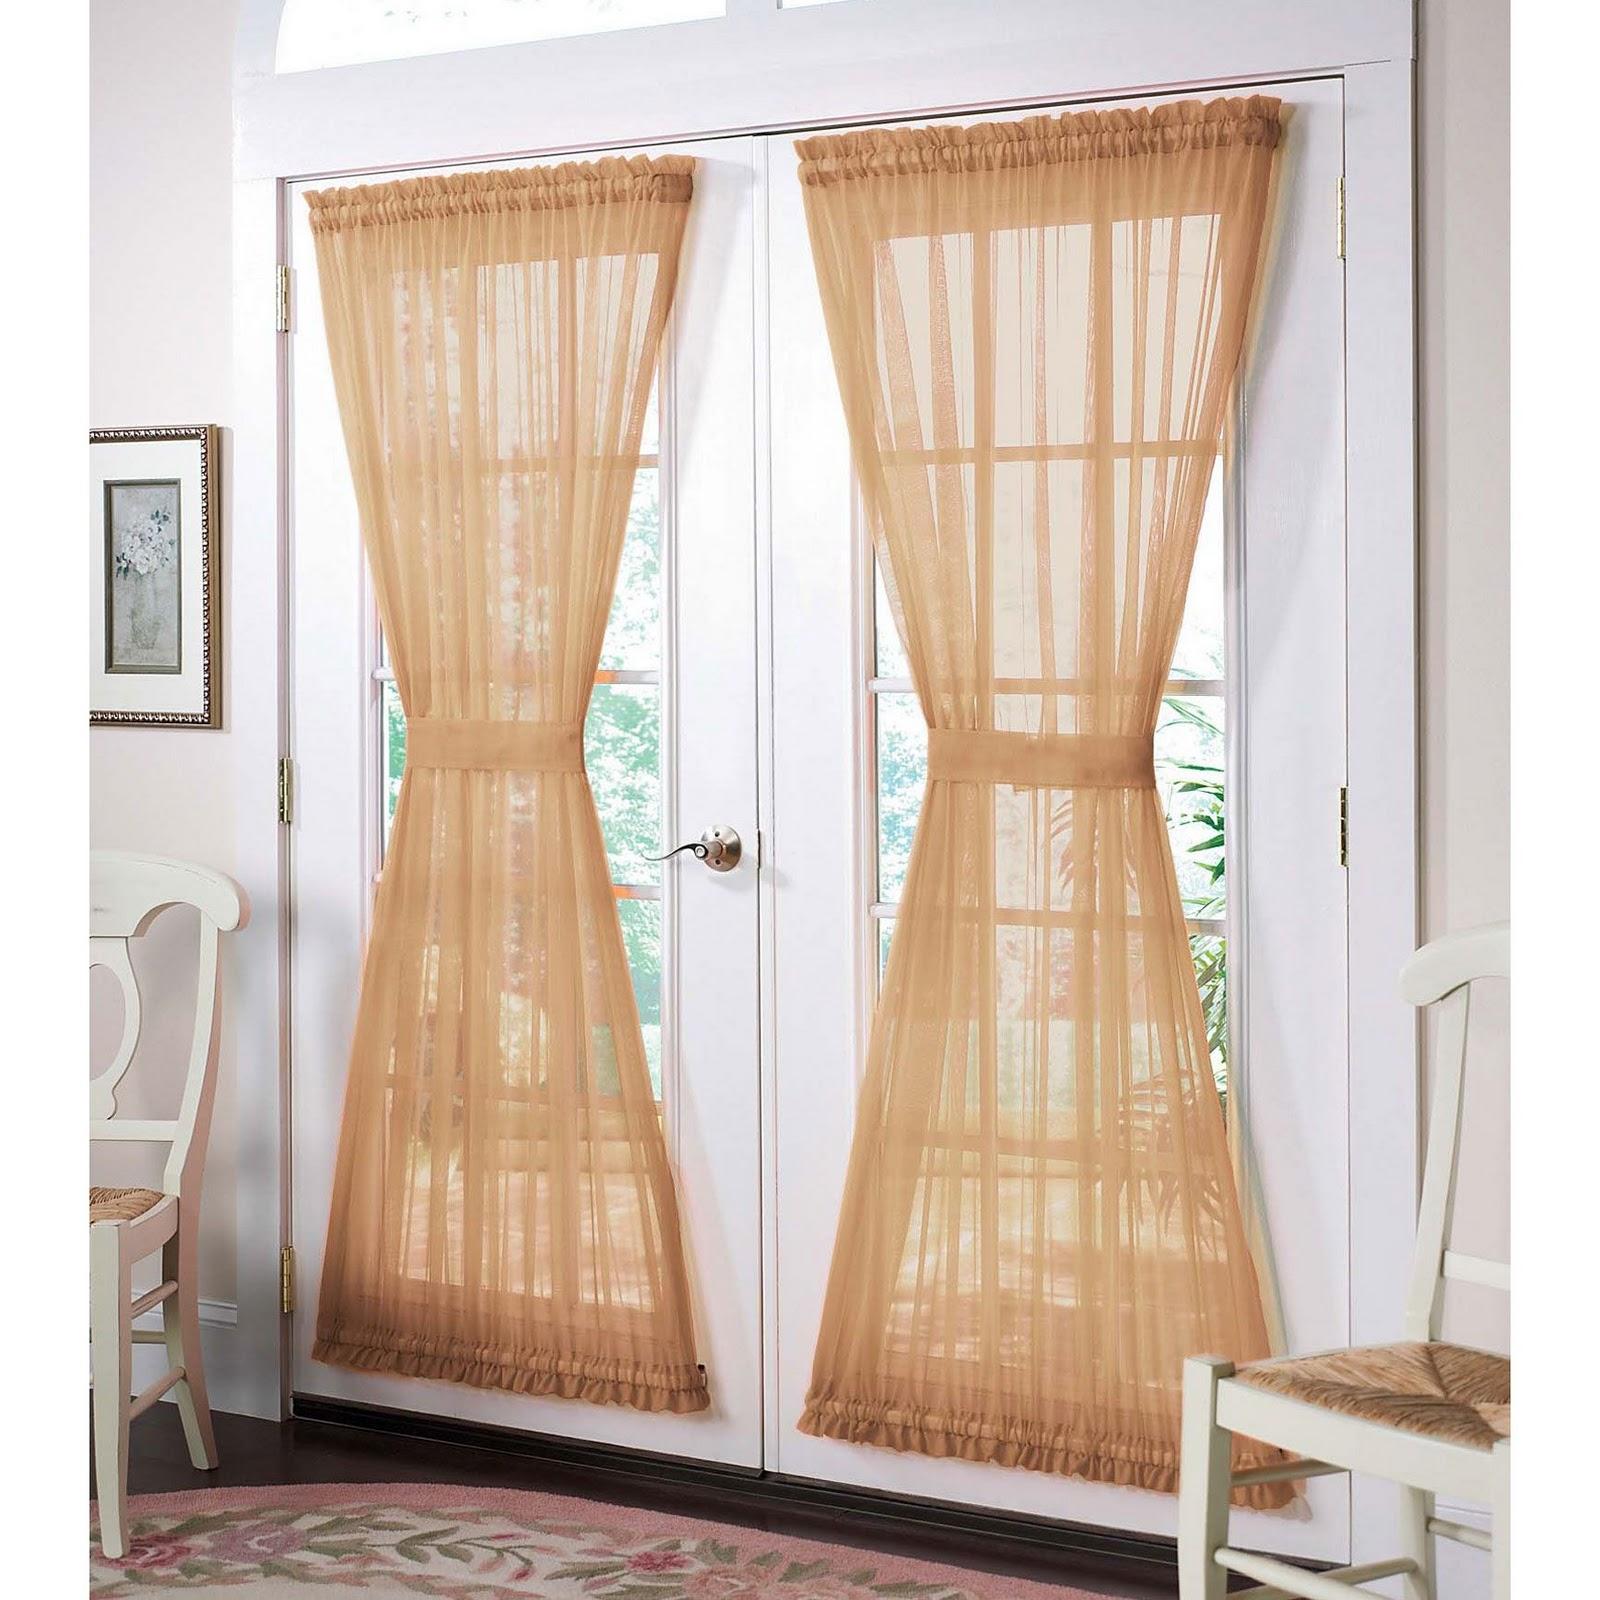 Id ias de cortinas para o ver o casas poss veis - Telas rusticas para cortinas ...